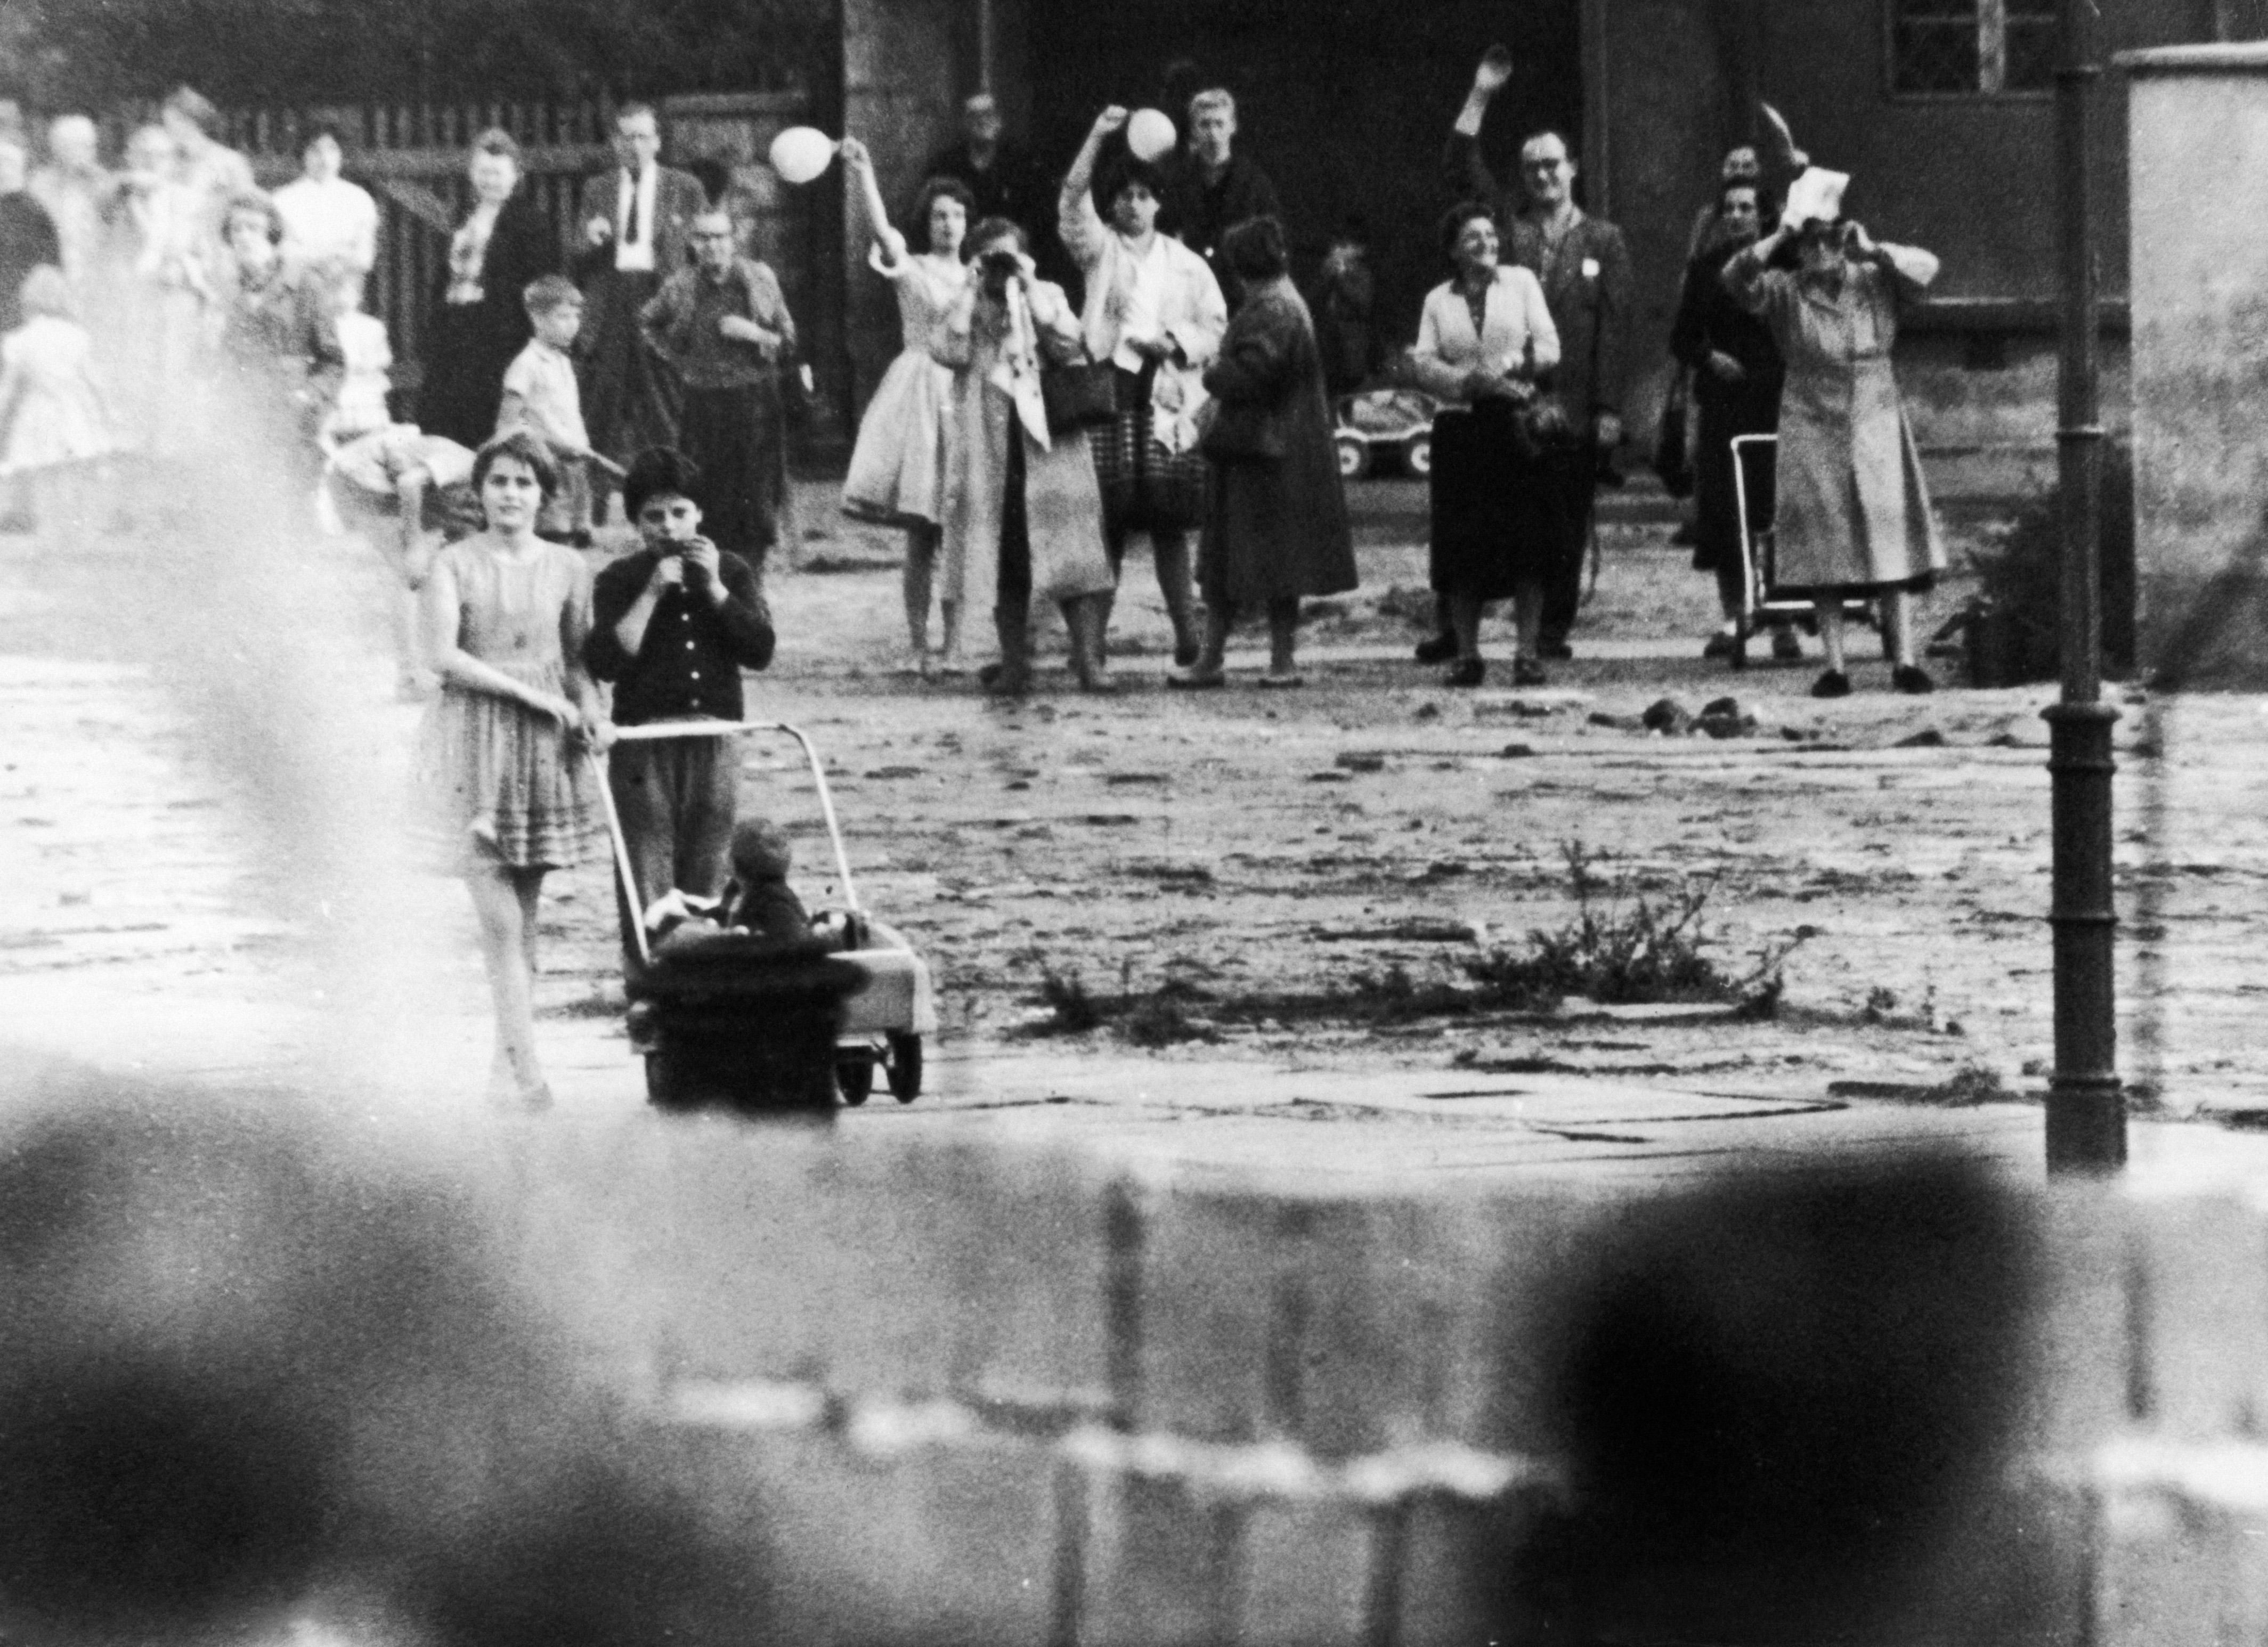 <p>Семейства и приятели, някога съседи, сега стоят разделени и махат един на друг над Берлинската стена.</p>